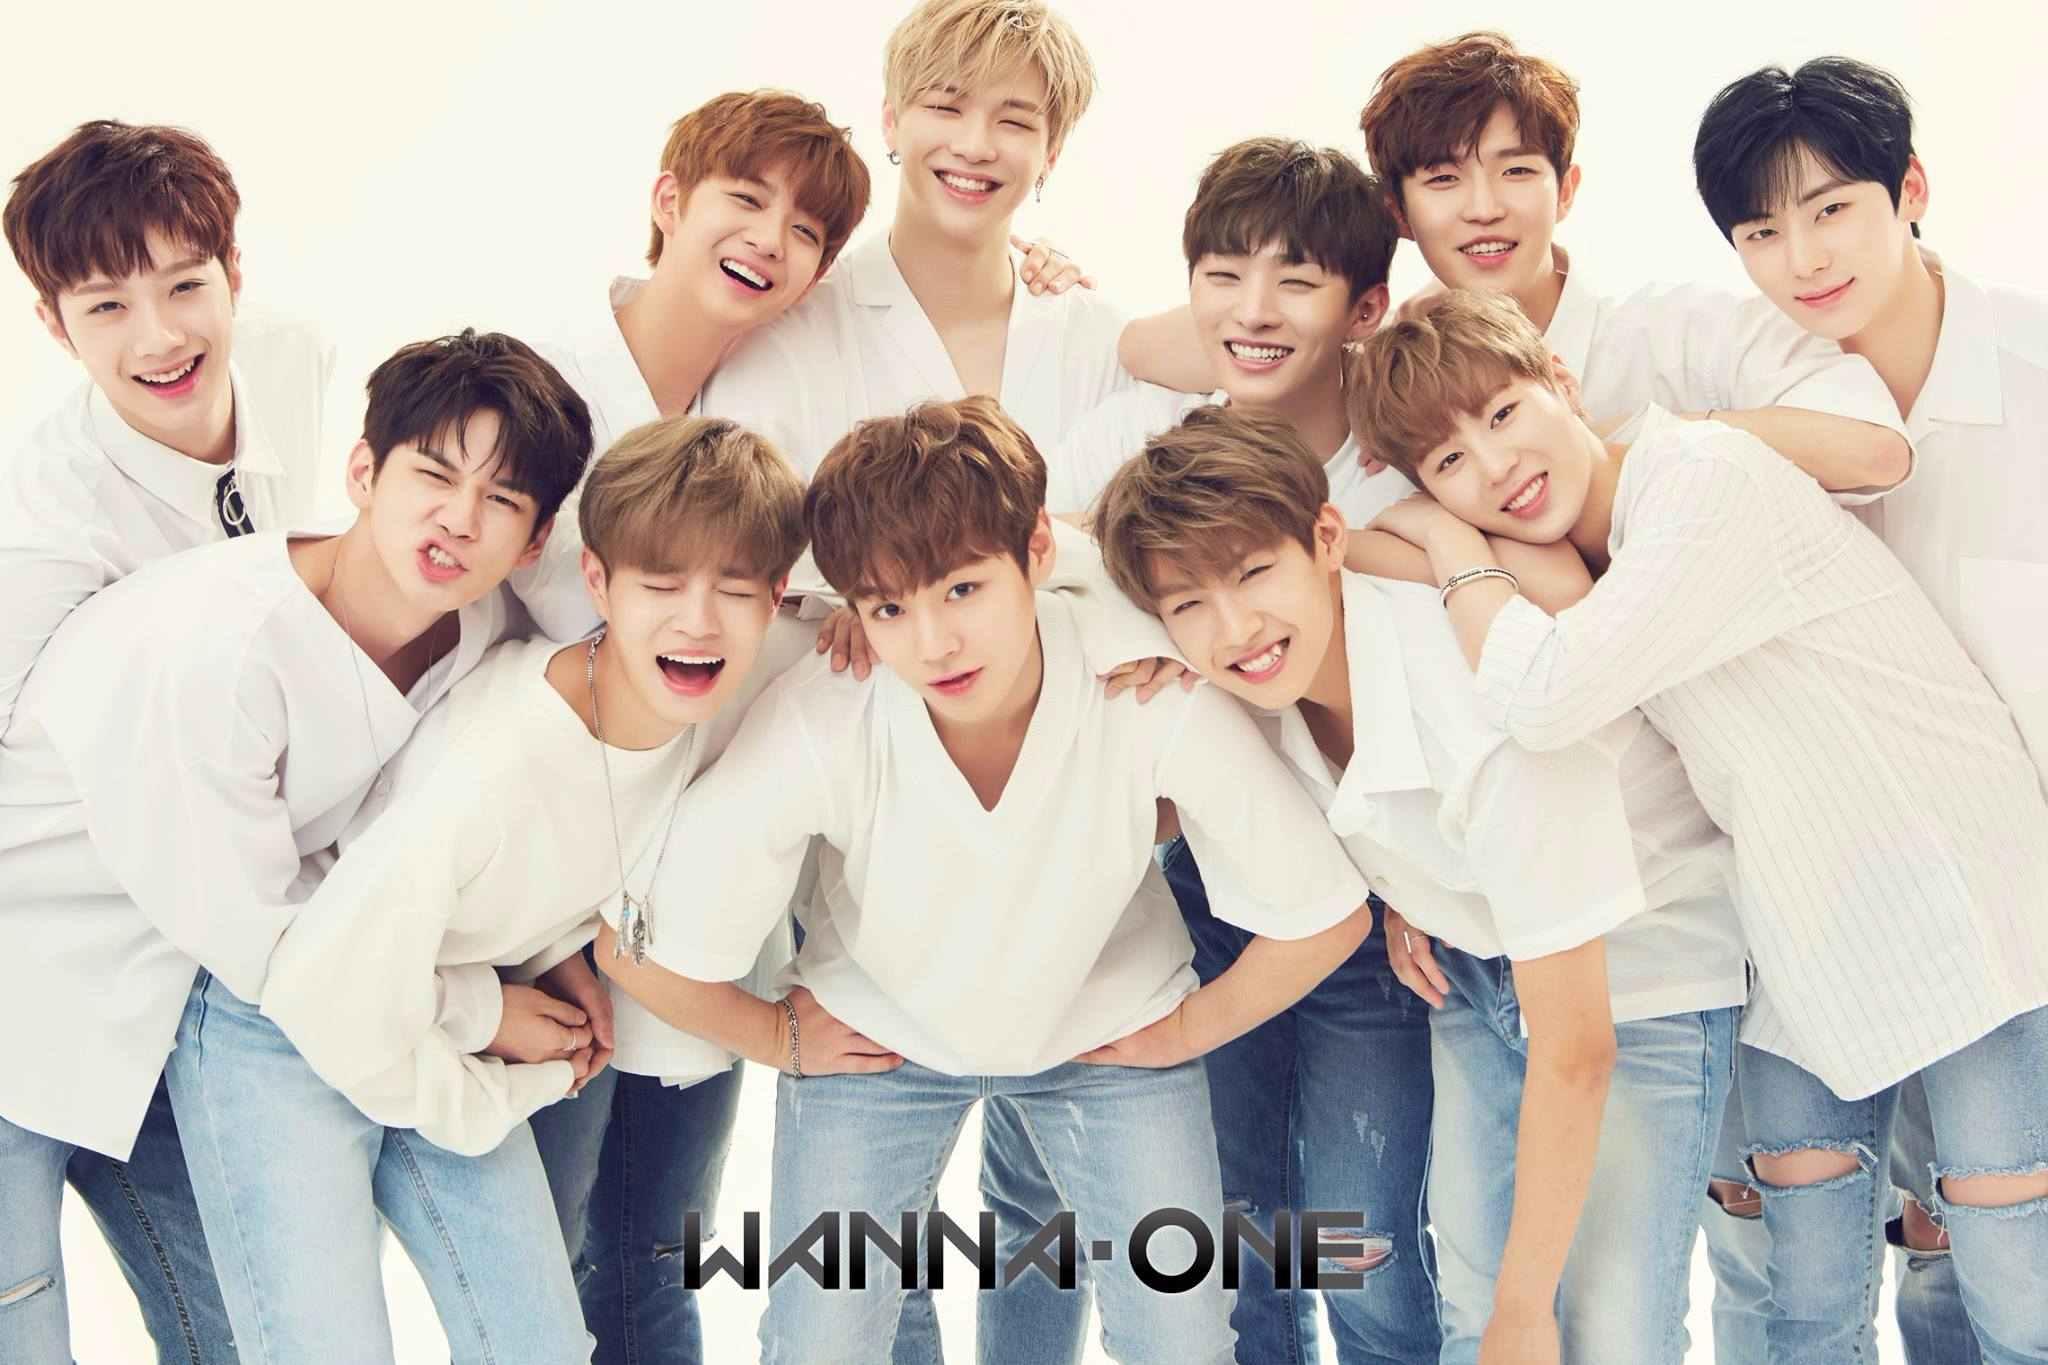 粉絲們期待已久的Wanna One終於正式出道了!!! 最讓台灣粉絲開心的應該是Wanna One成員將在10月7日來台灣開唱(尖叫)